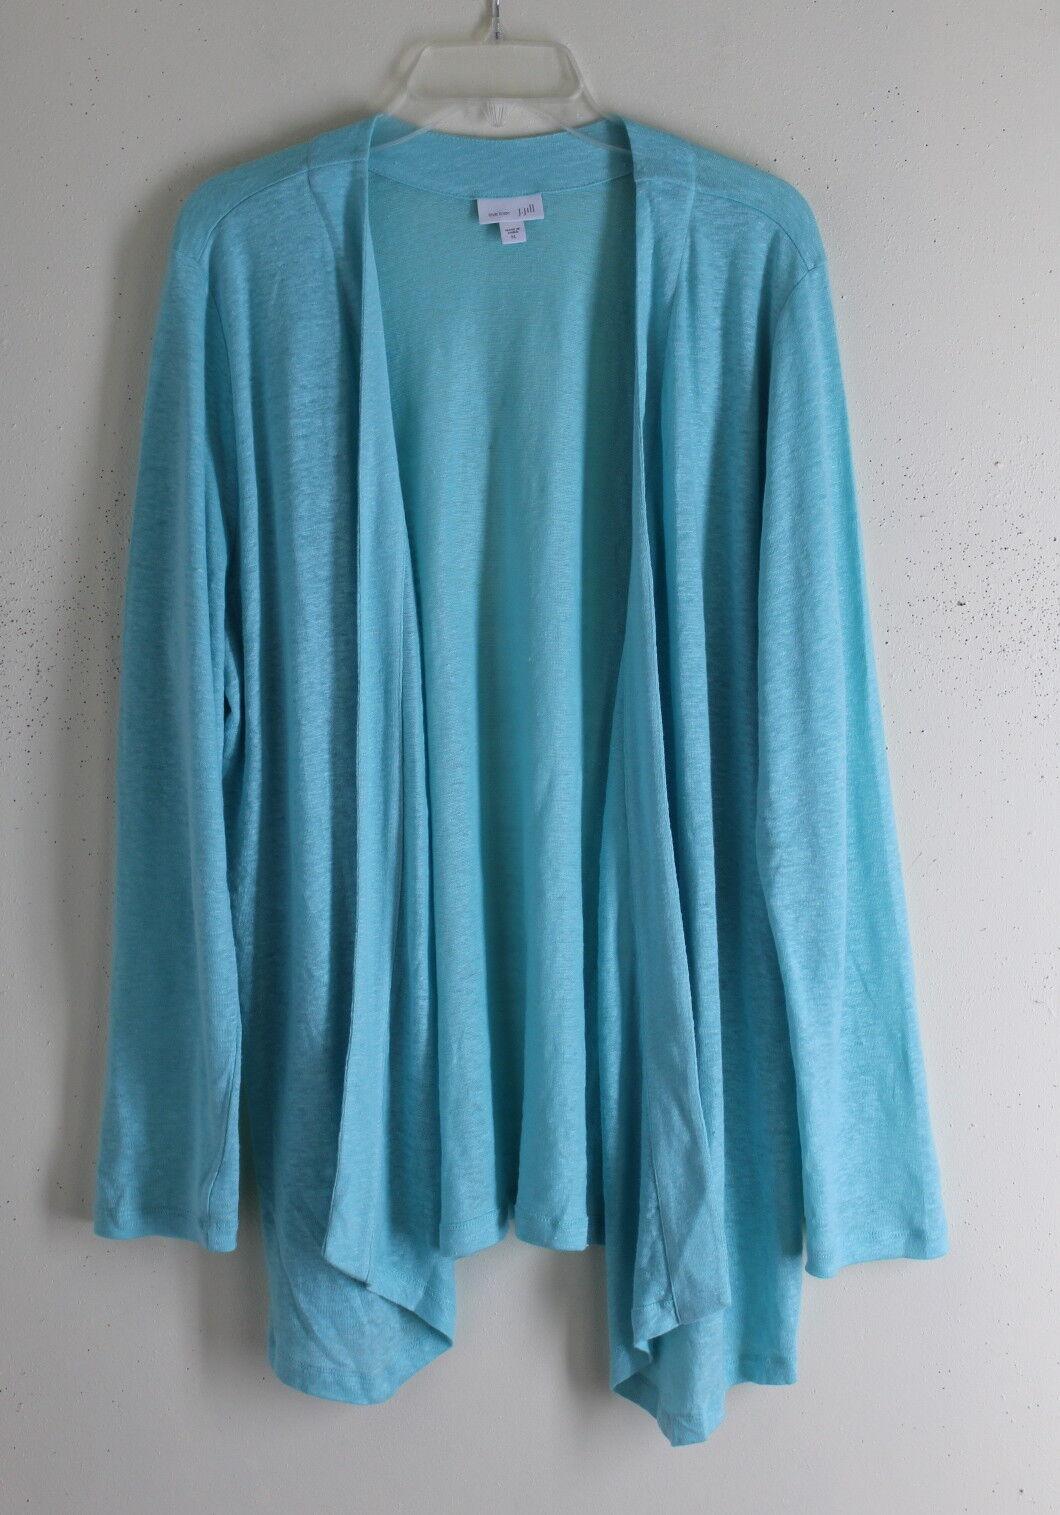 J.Jill -Sz XL Unusual Very Fine 100% Linen Knit Aqua Cardigan Sweater Lagenlook